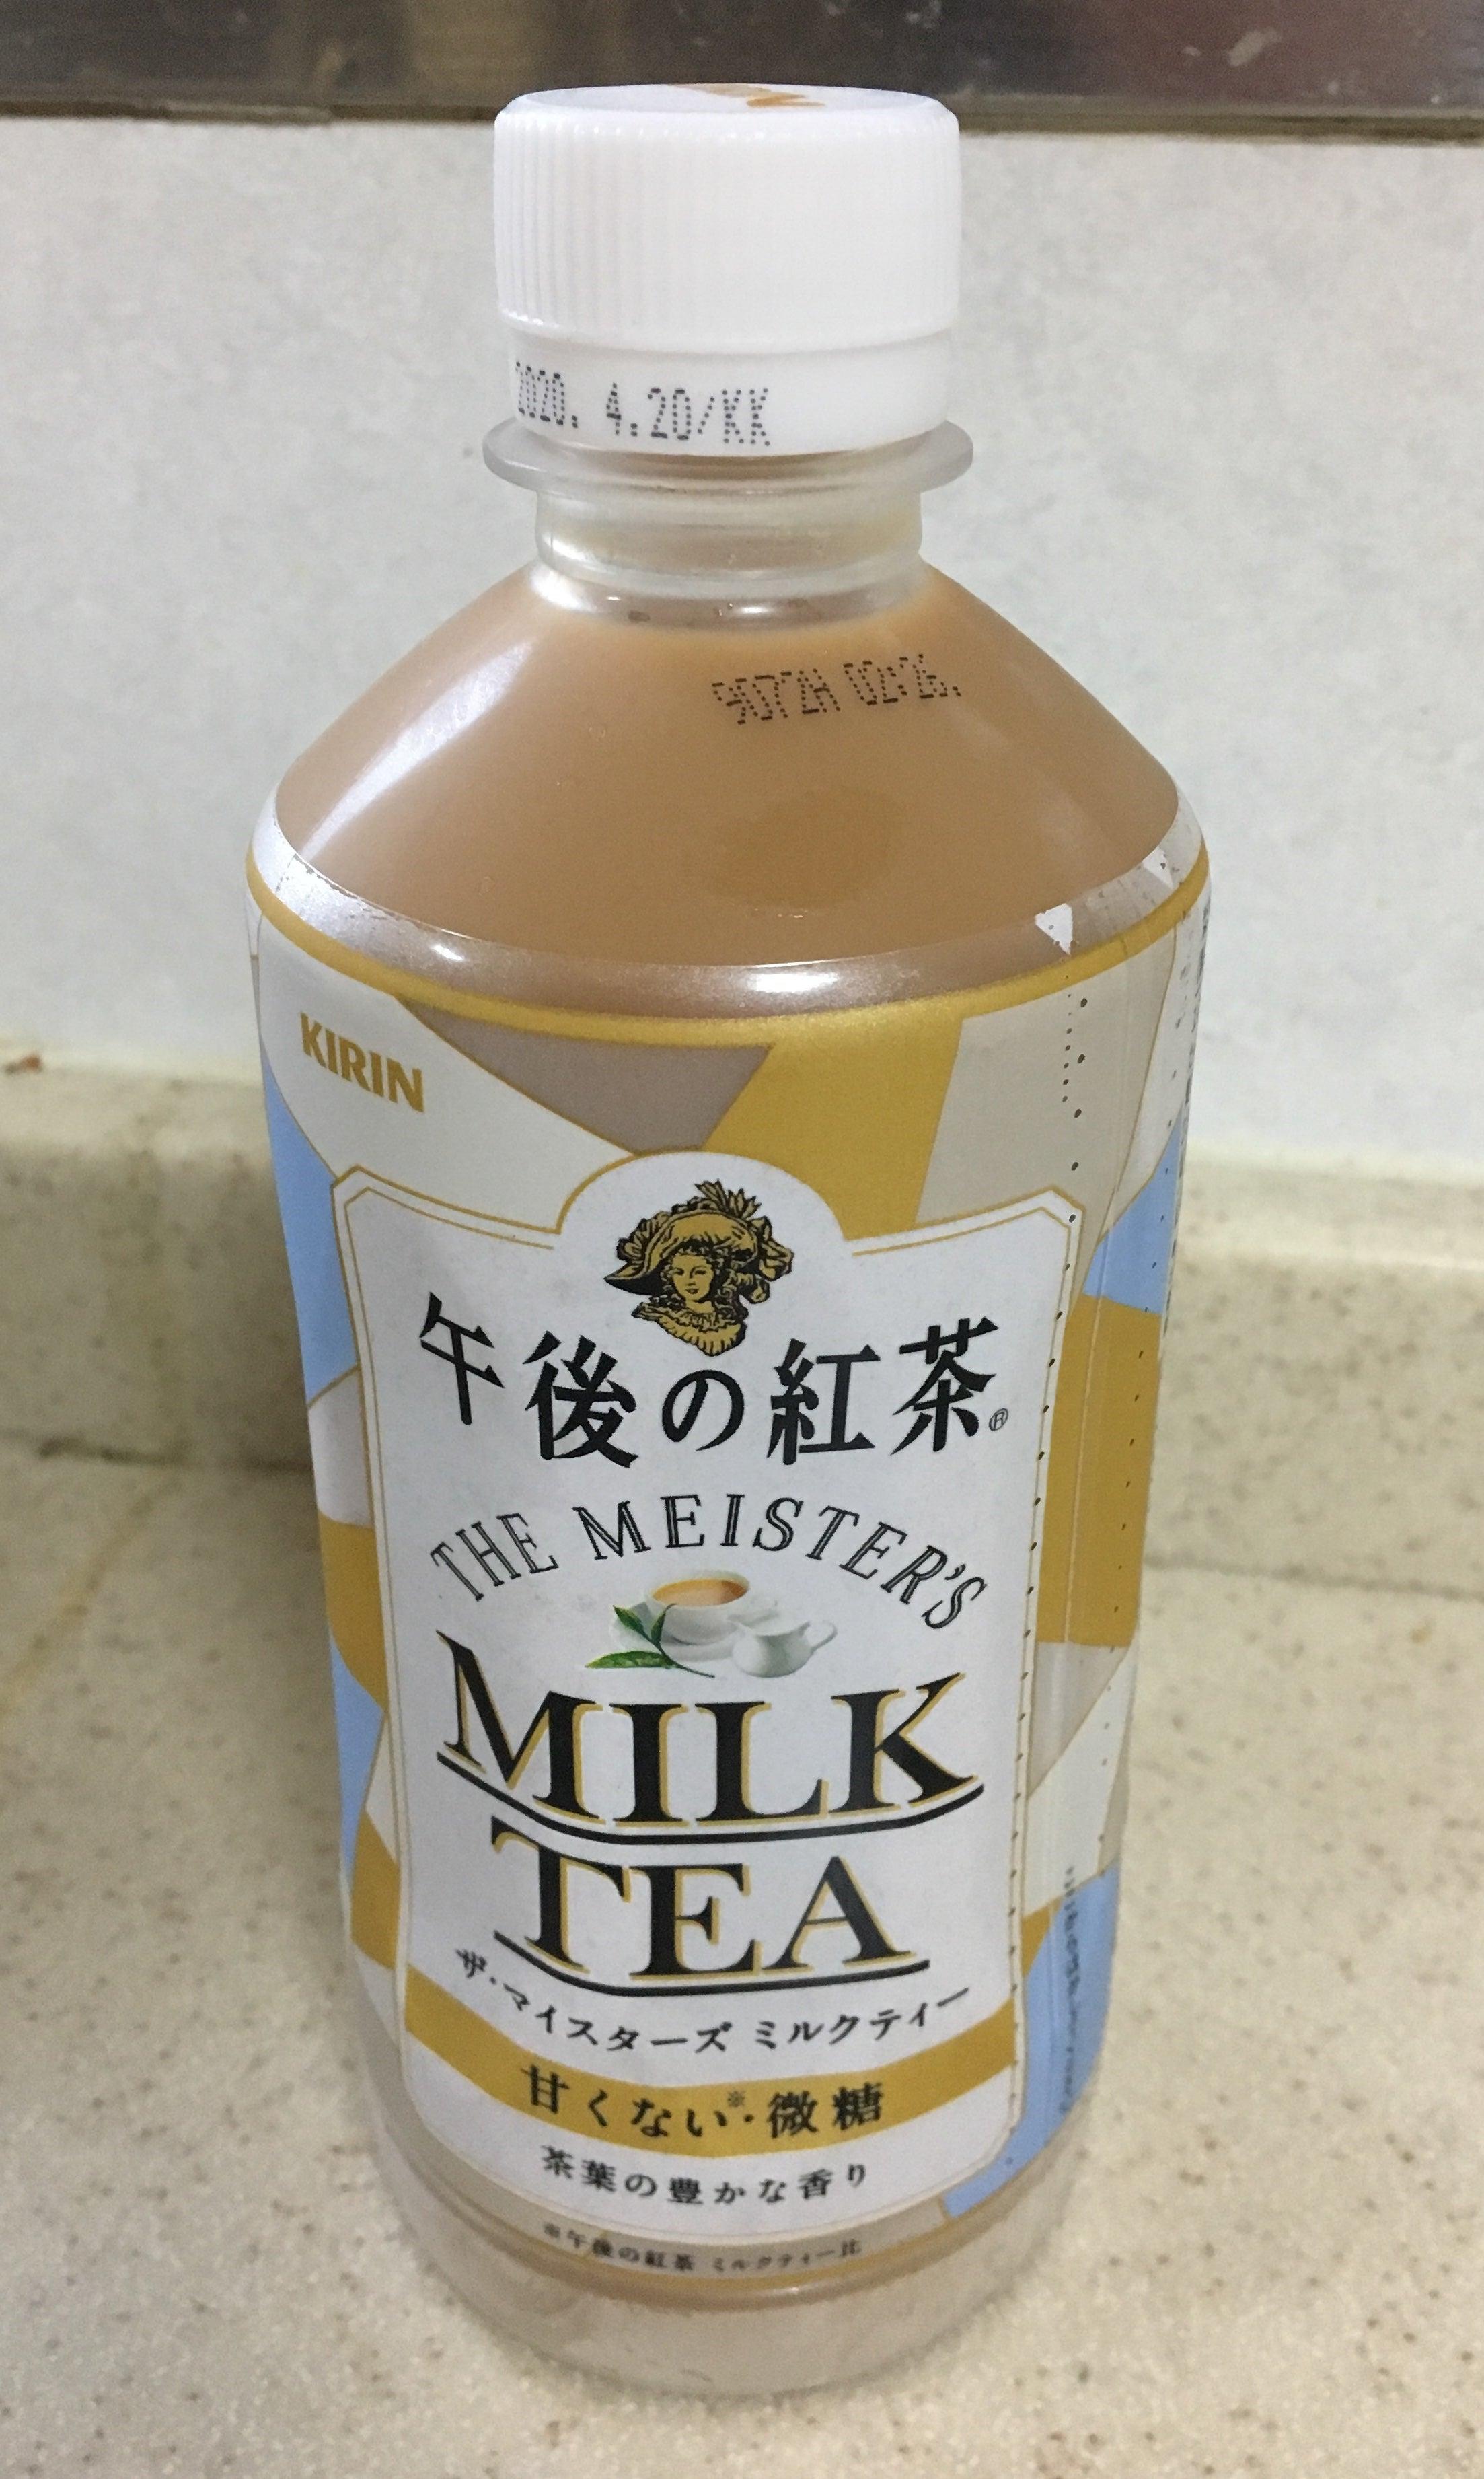 午後の紅茶 ザ・マイスターズ ミルクティー | しょうのお店